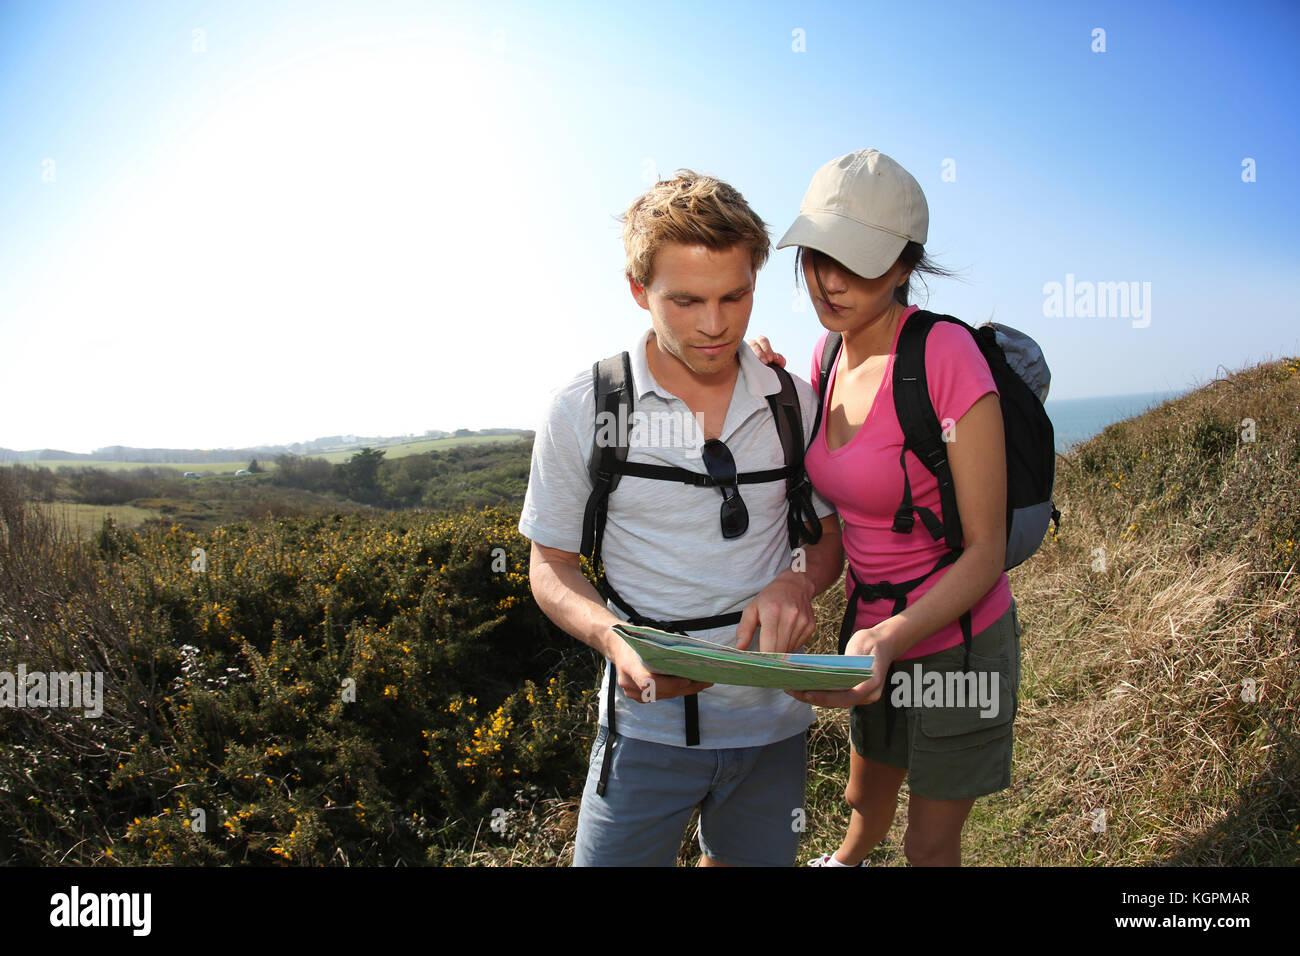 Les randonneurs en chemin à la carte au pays Photo Stock